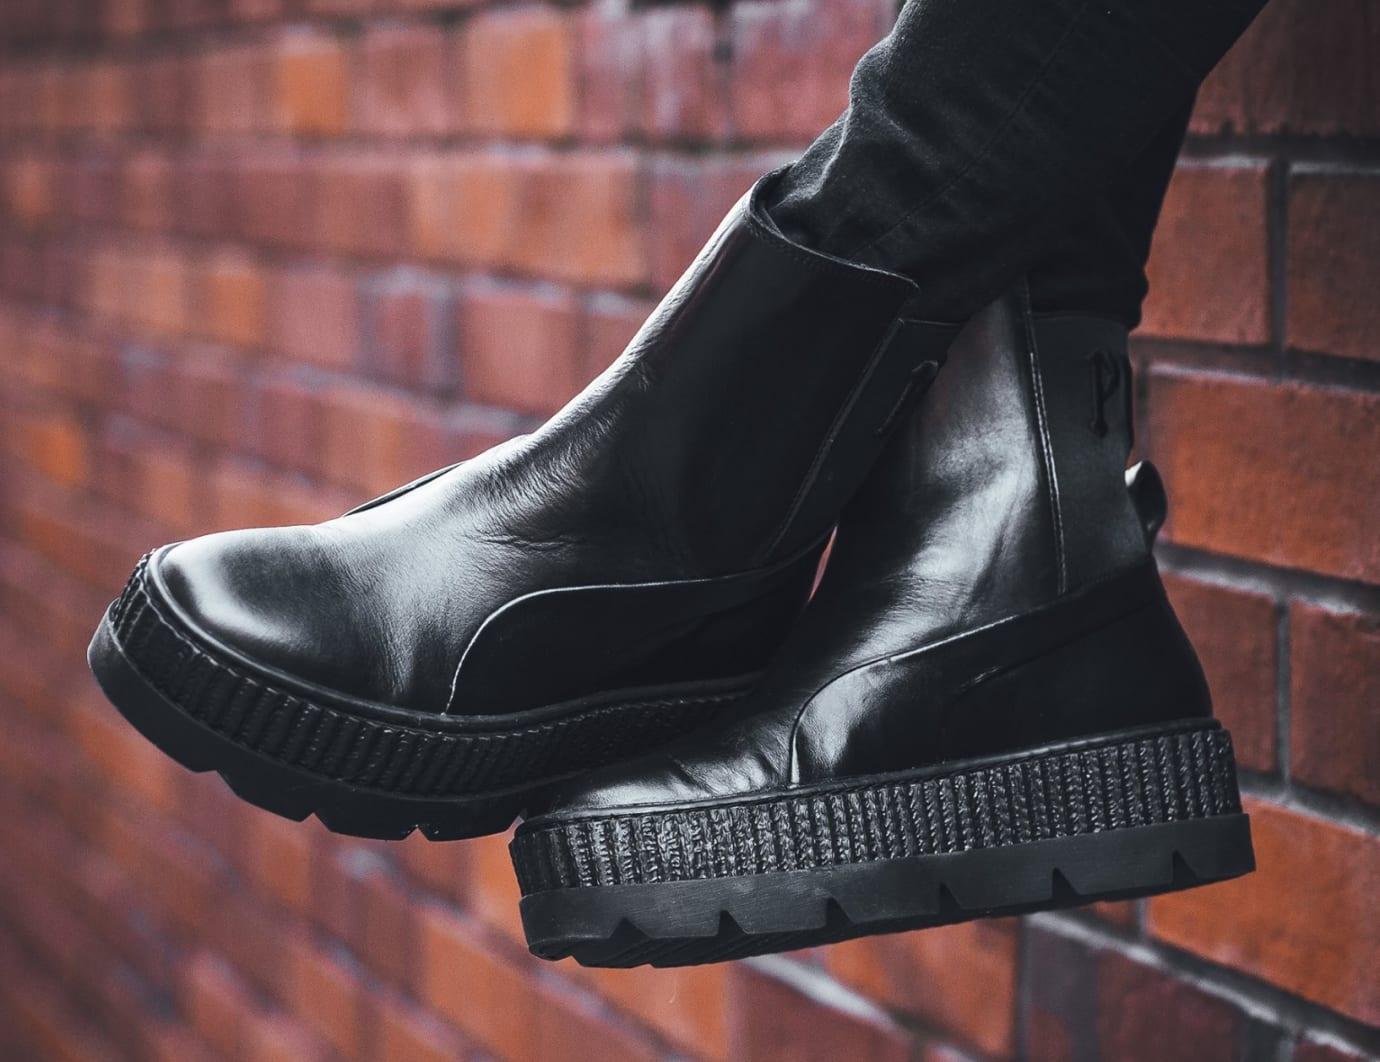 Rihanna x Puma Fenty Chelsea Sneaker Boot Black Release Date Side